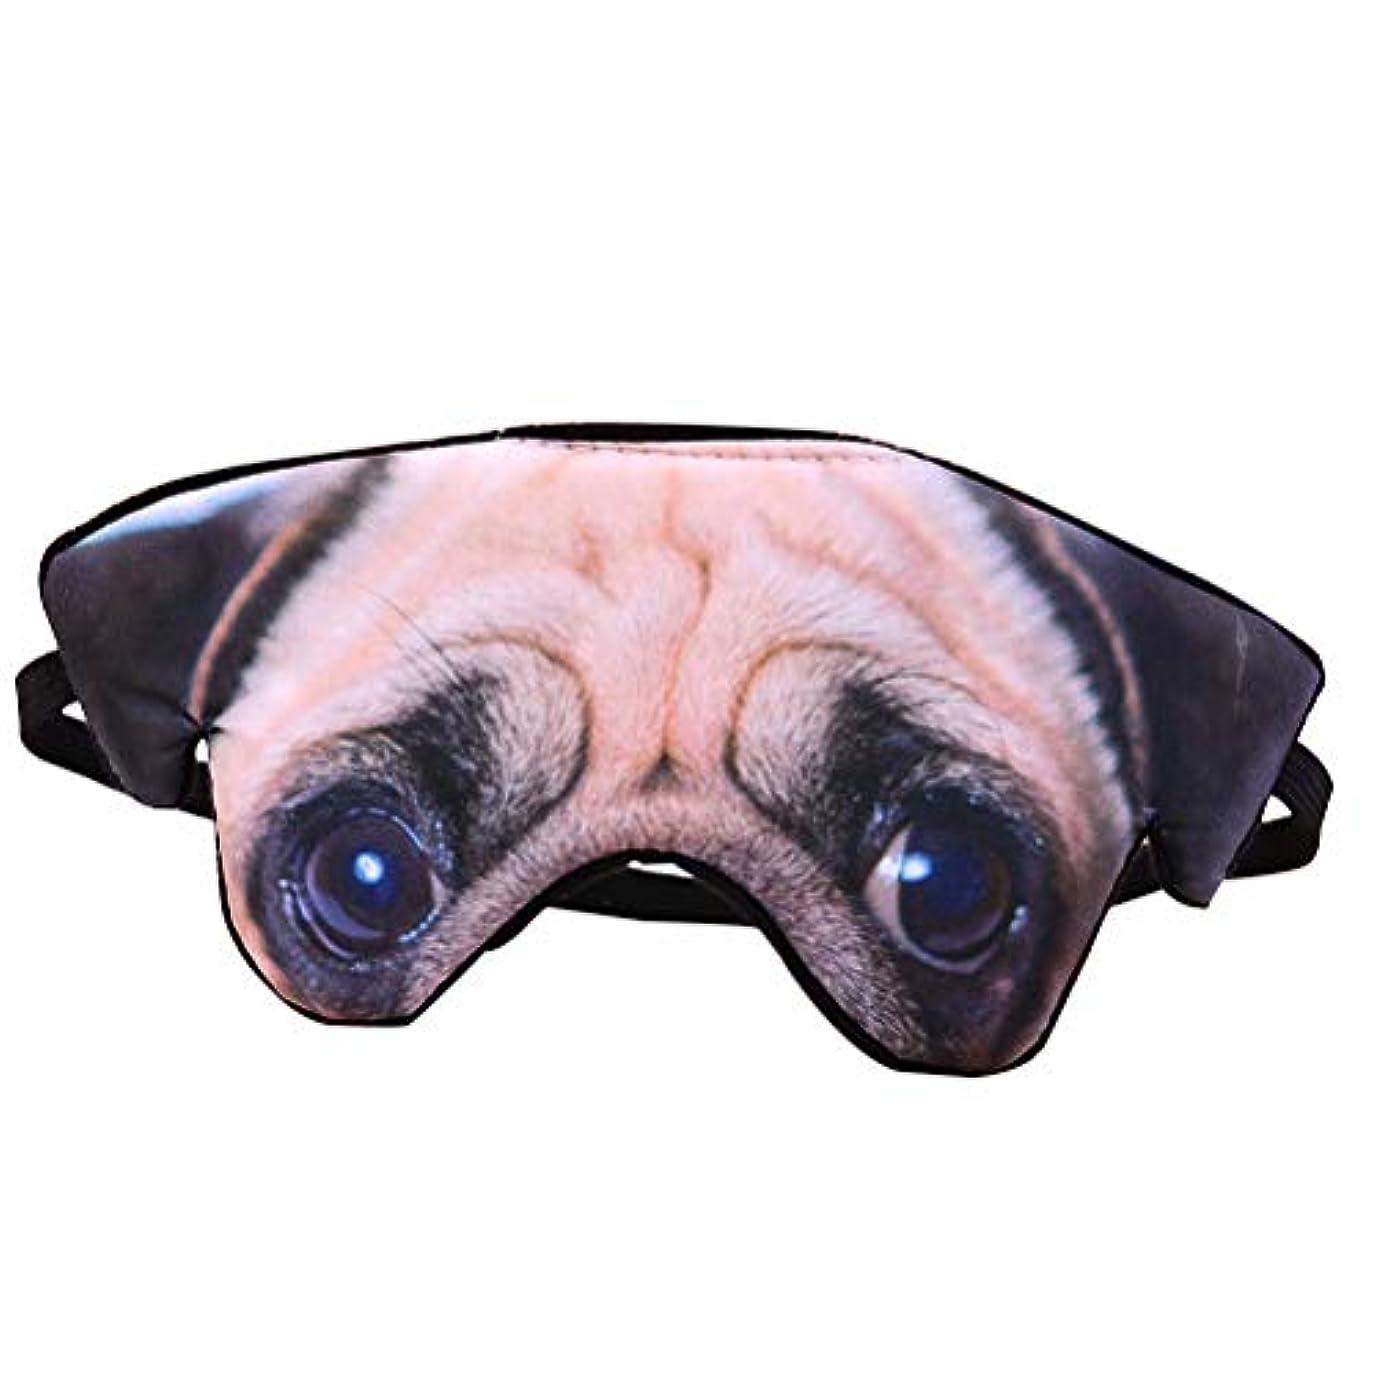 適度なライオネルグリーンストリートバンSUPVOX かわいい睡眠マスク目の睡眠マスクの子供のアイマスクパグのパターン(パグ)